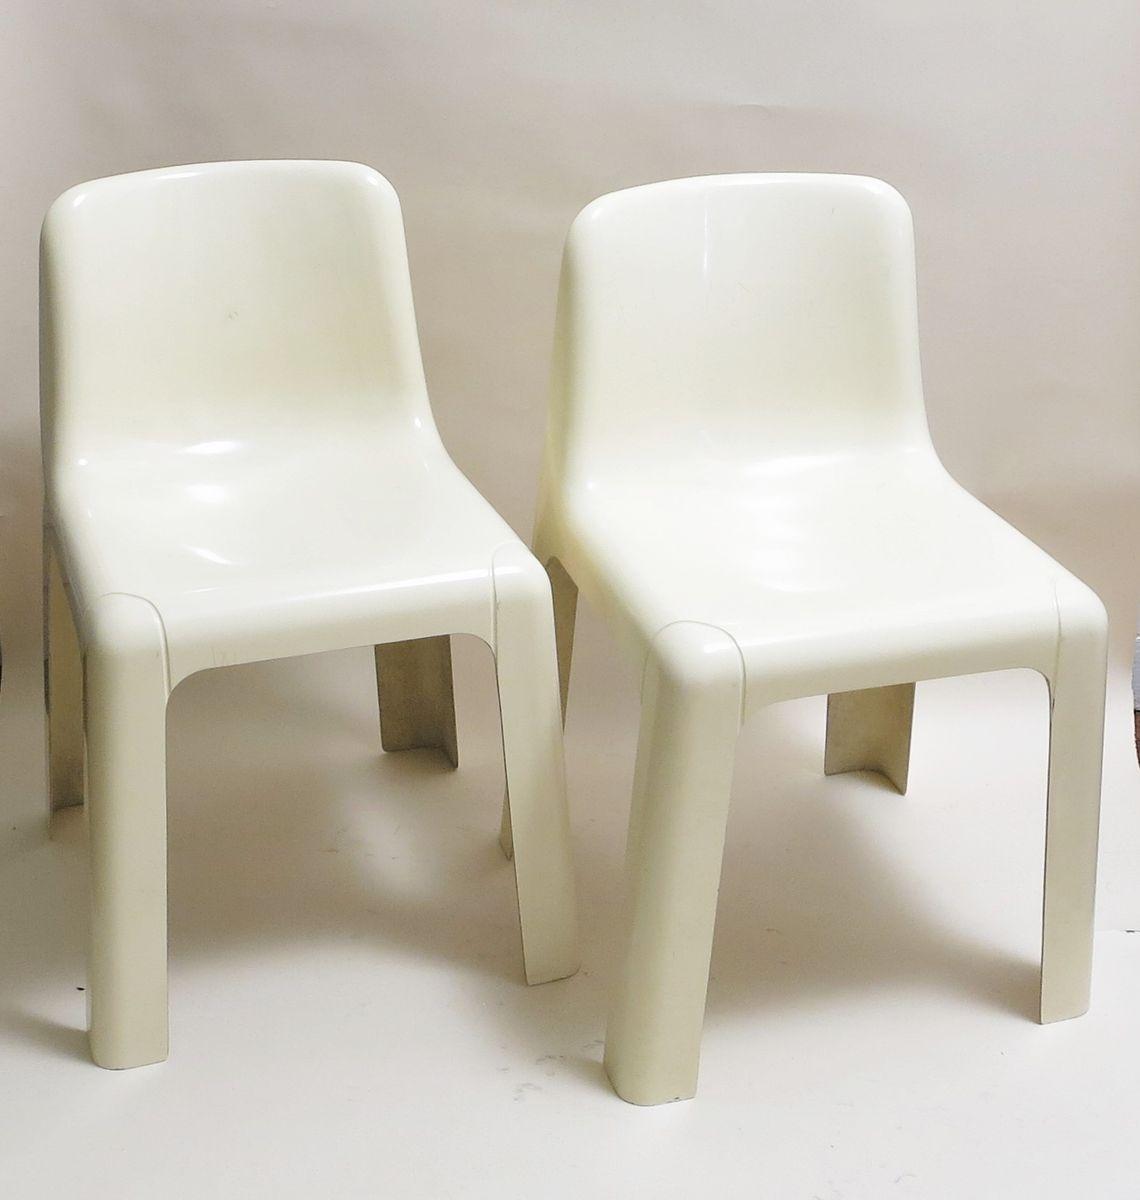 moderne esszimmer mobel roche bobois. Black Bedroom Furniture Sets. Home Design Ideas